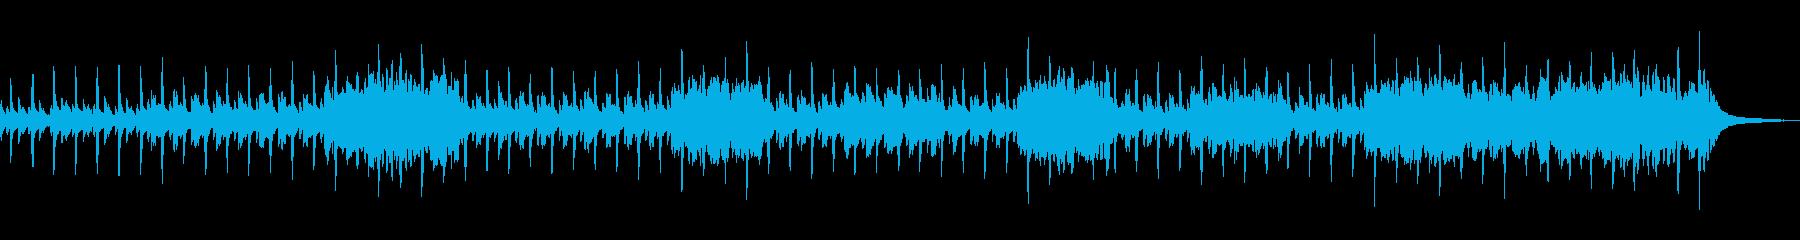 南国の村をイメージした日常的な曲の再生済みの波形